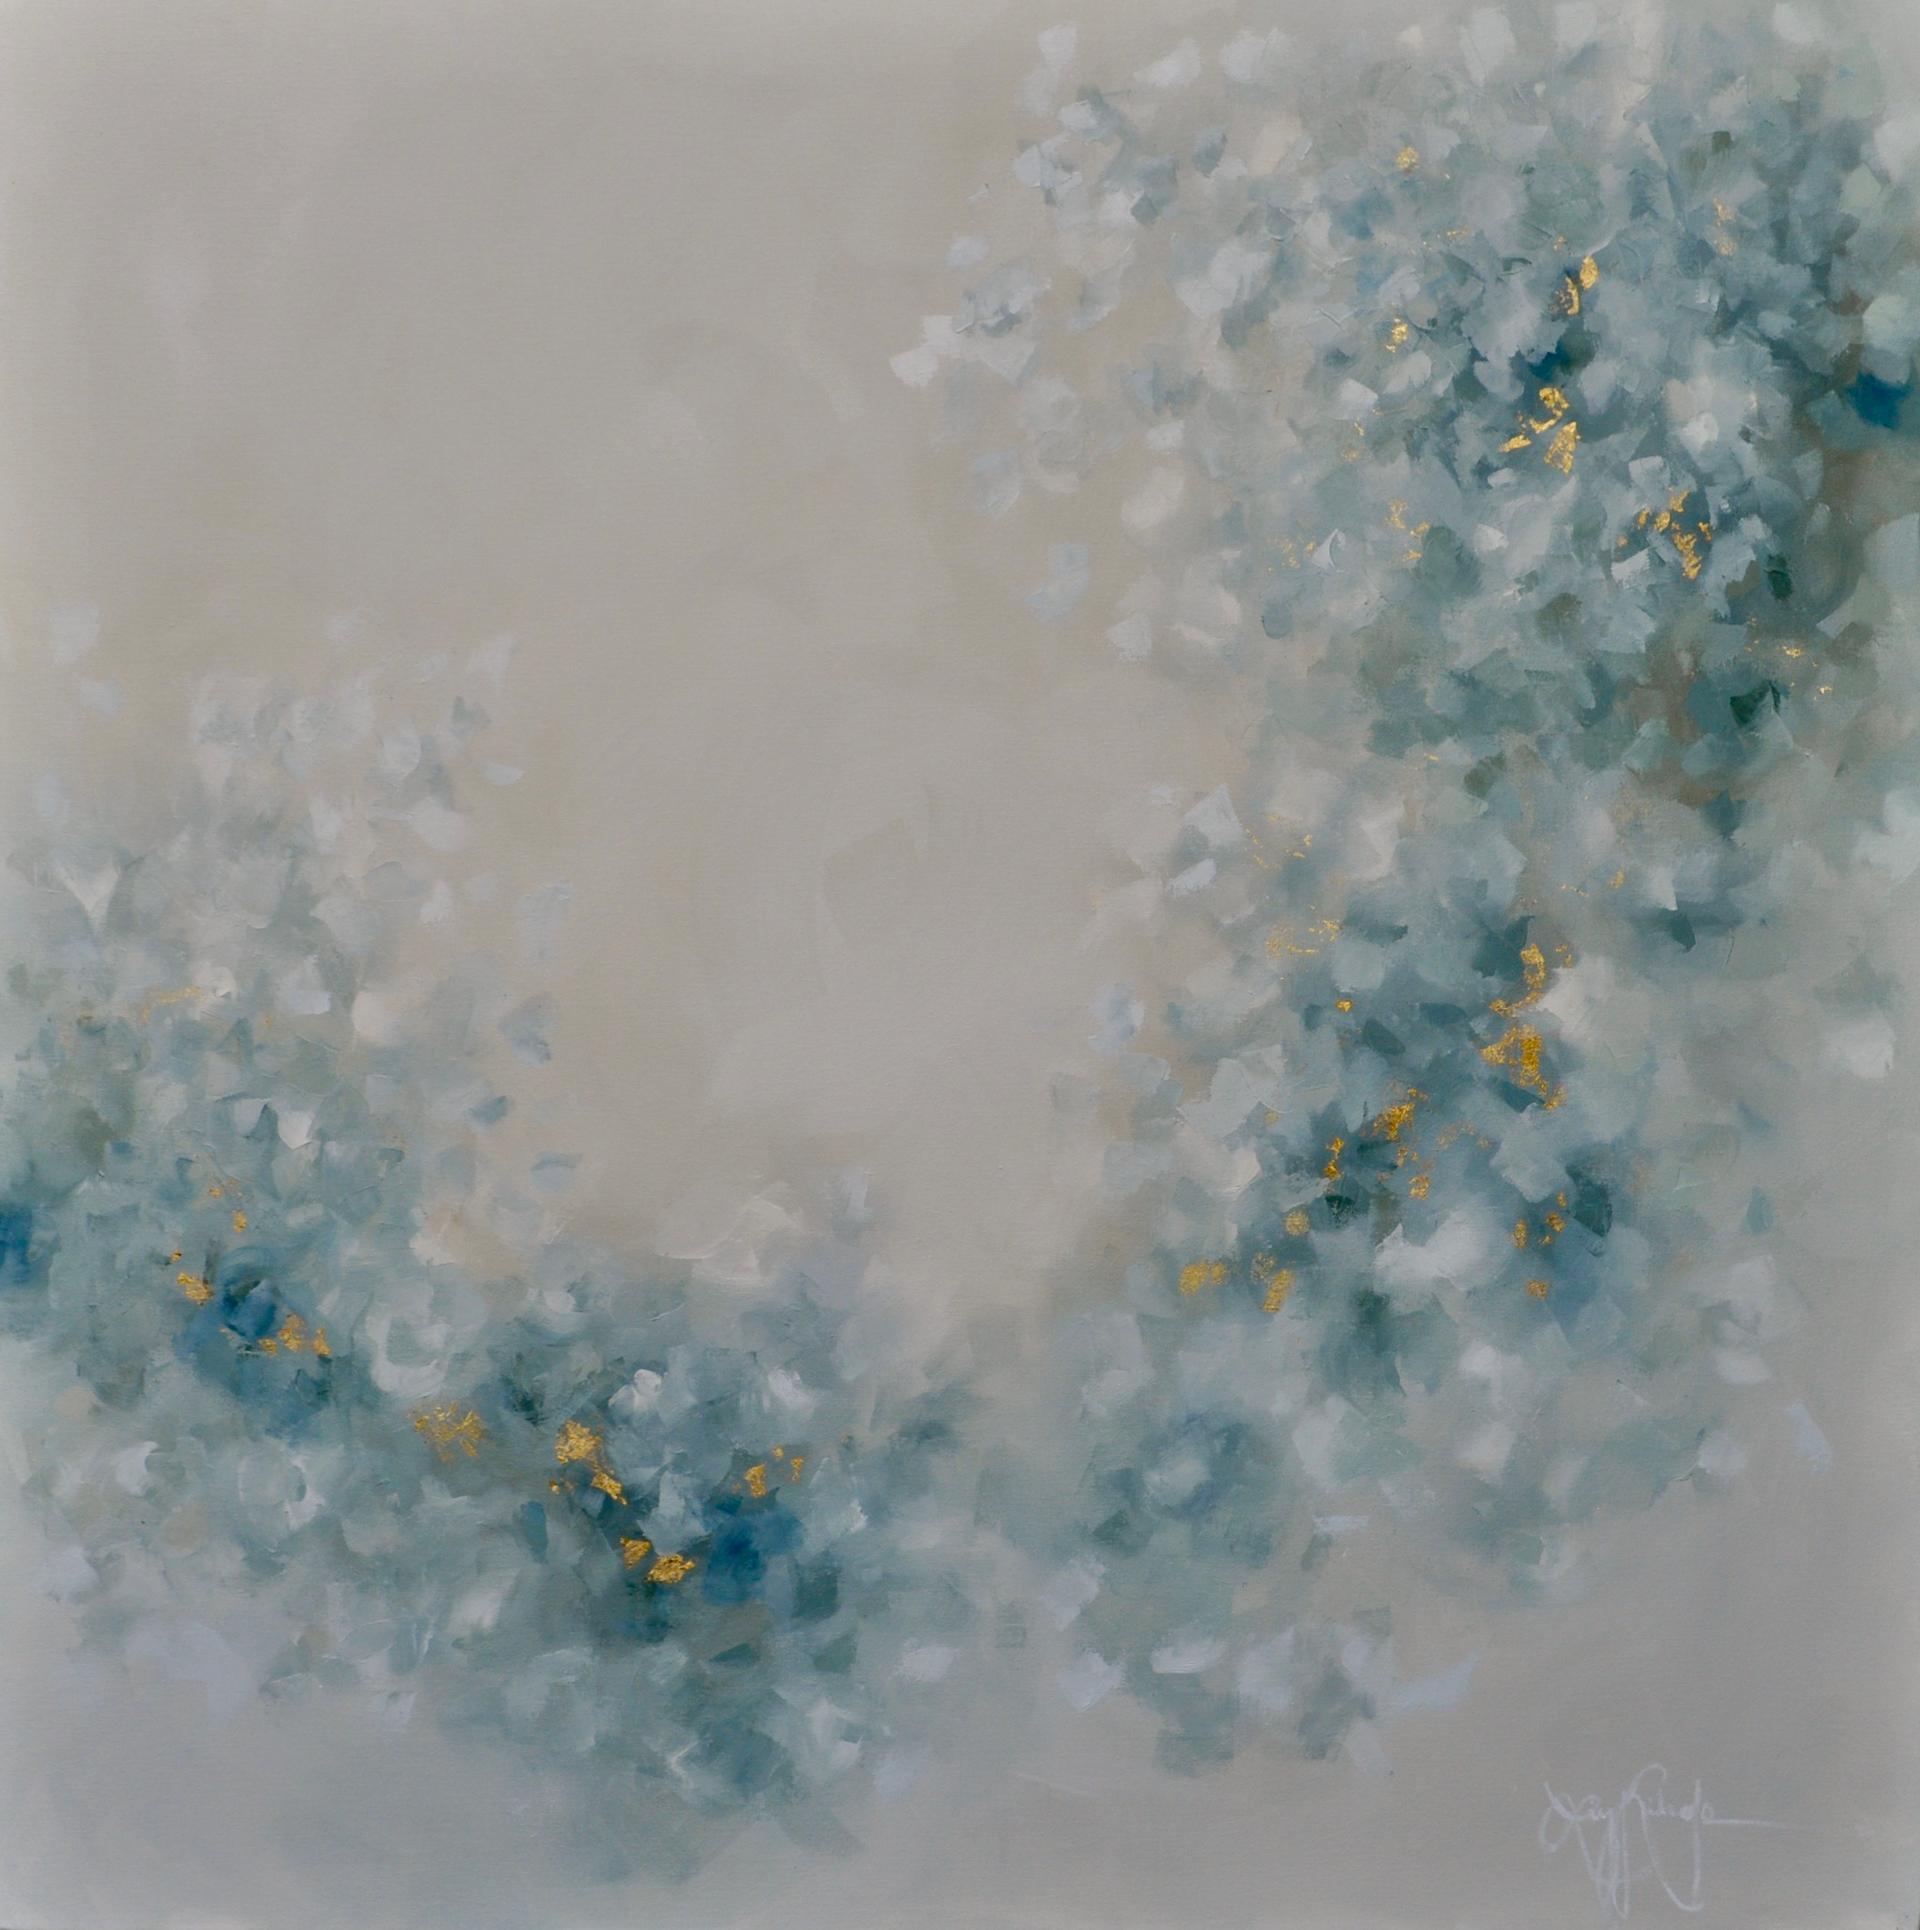 Contagious Joy by Liz Nichols